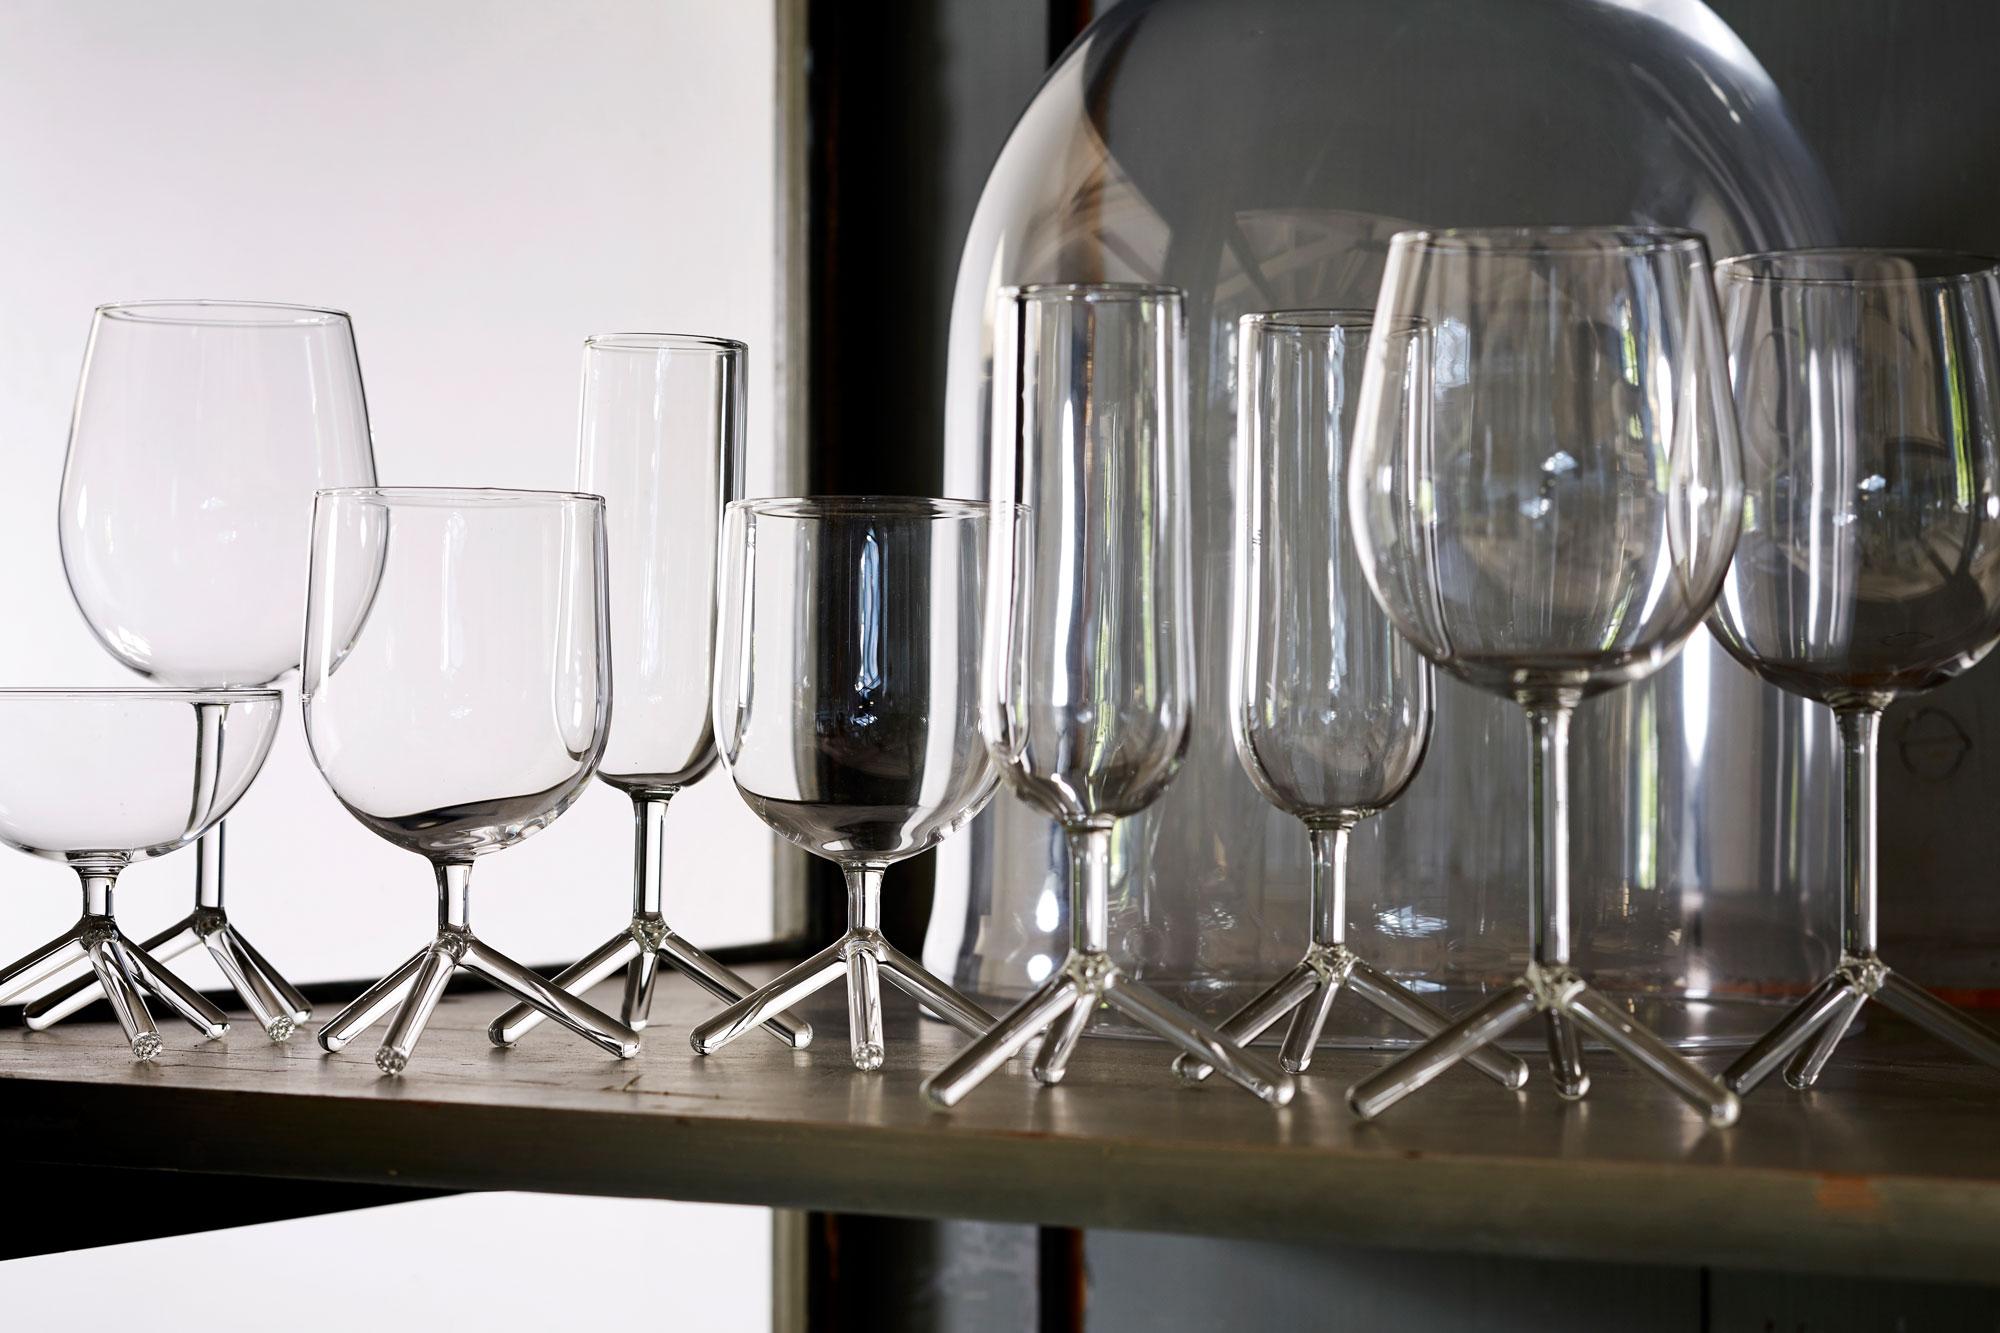 maarten_baptist_joine_tripod_wine_glasses_THmanufacture_louise_52701_web